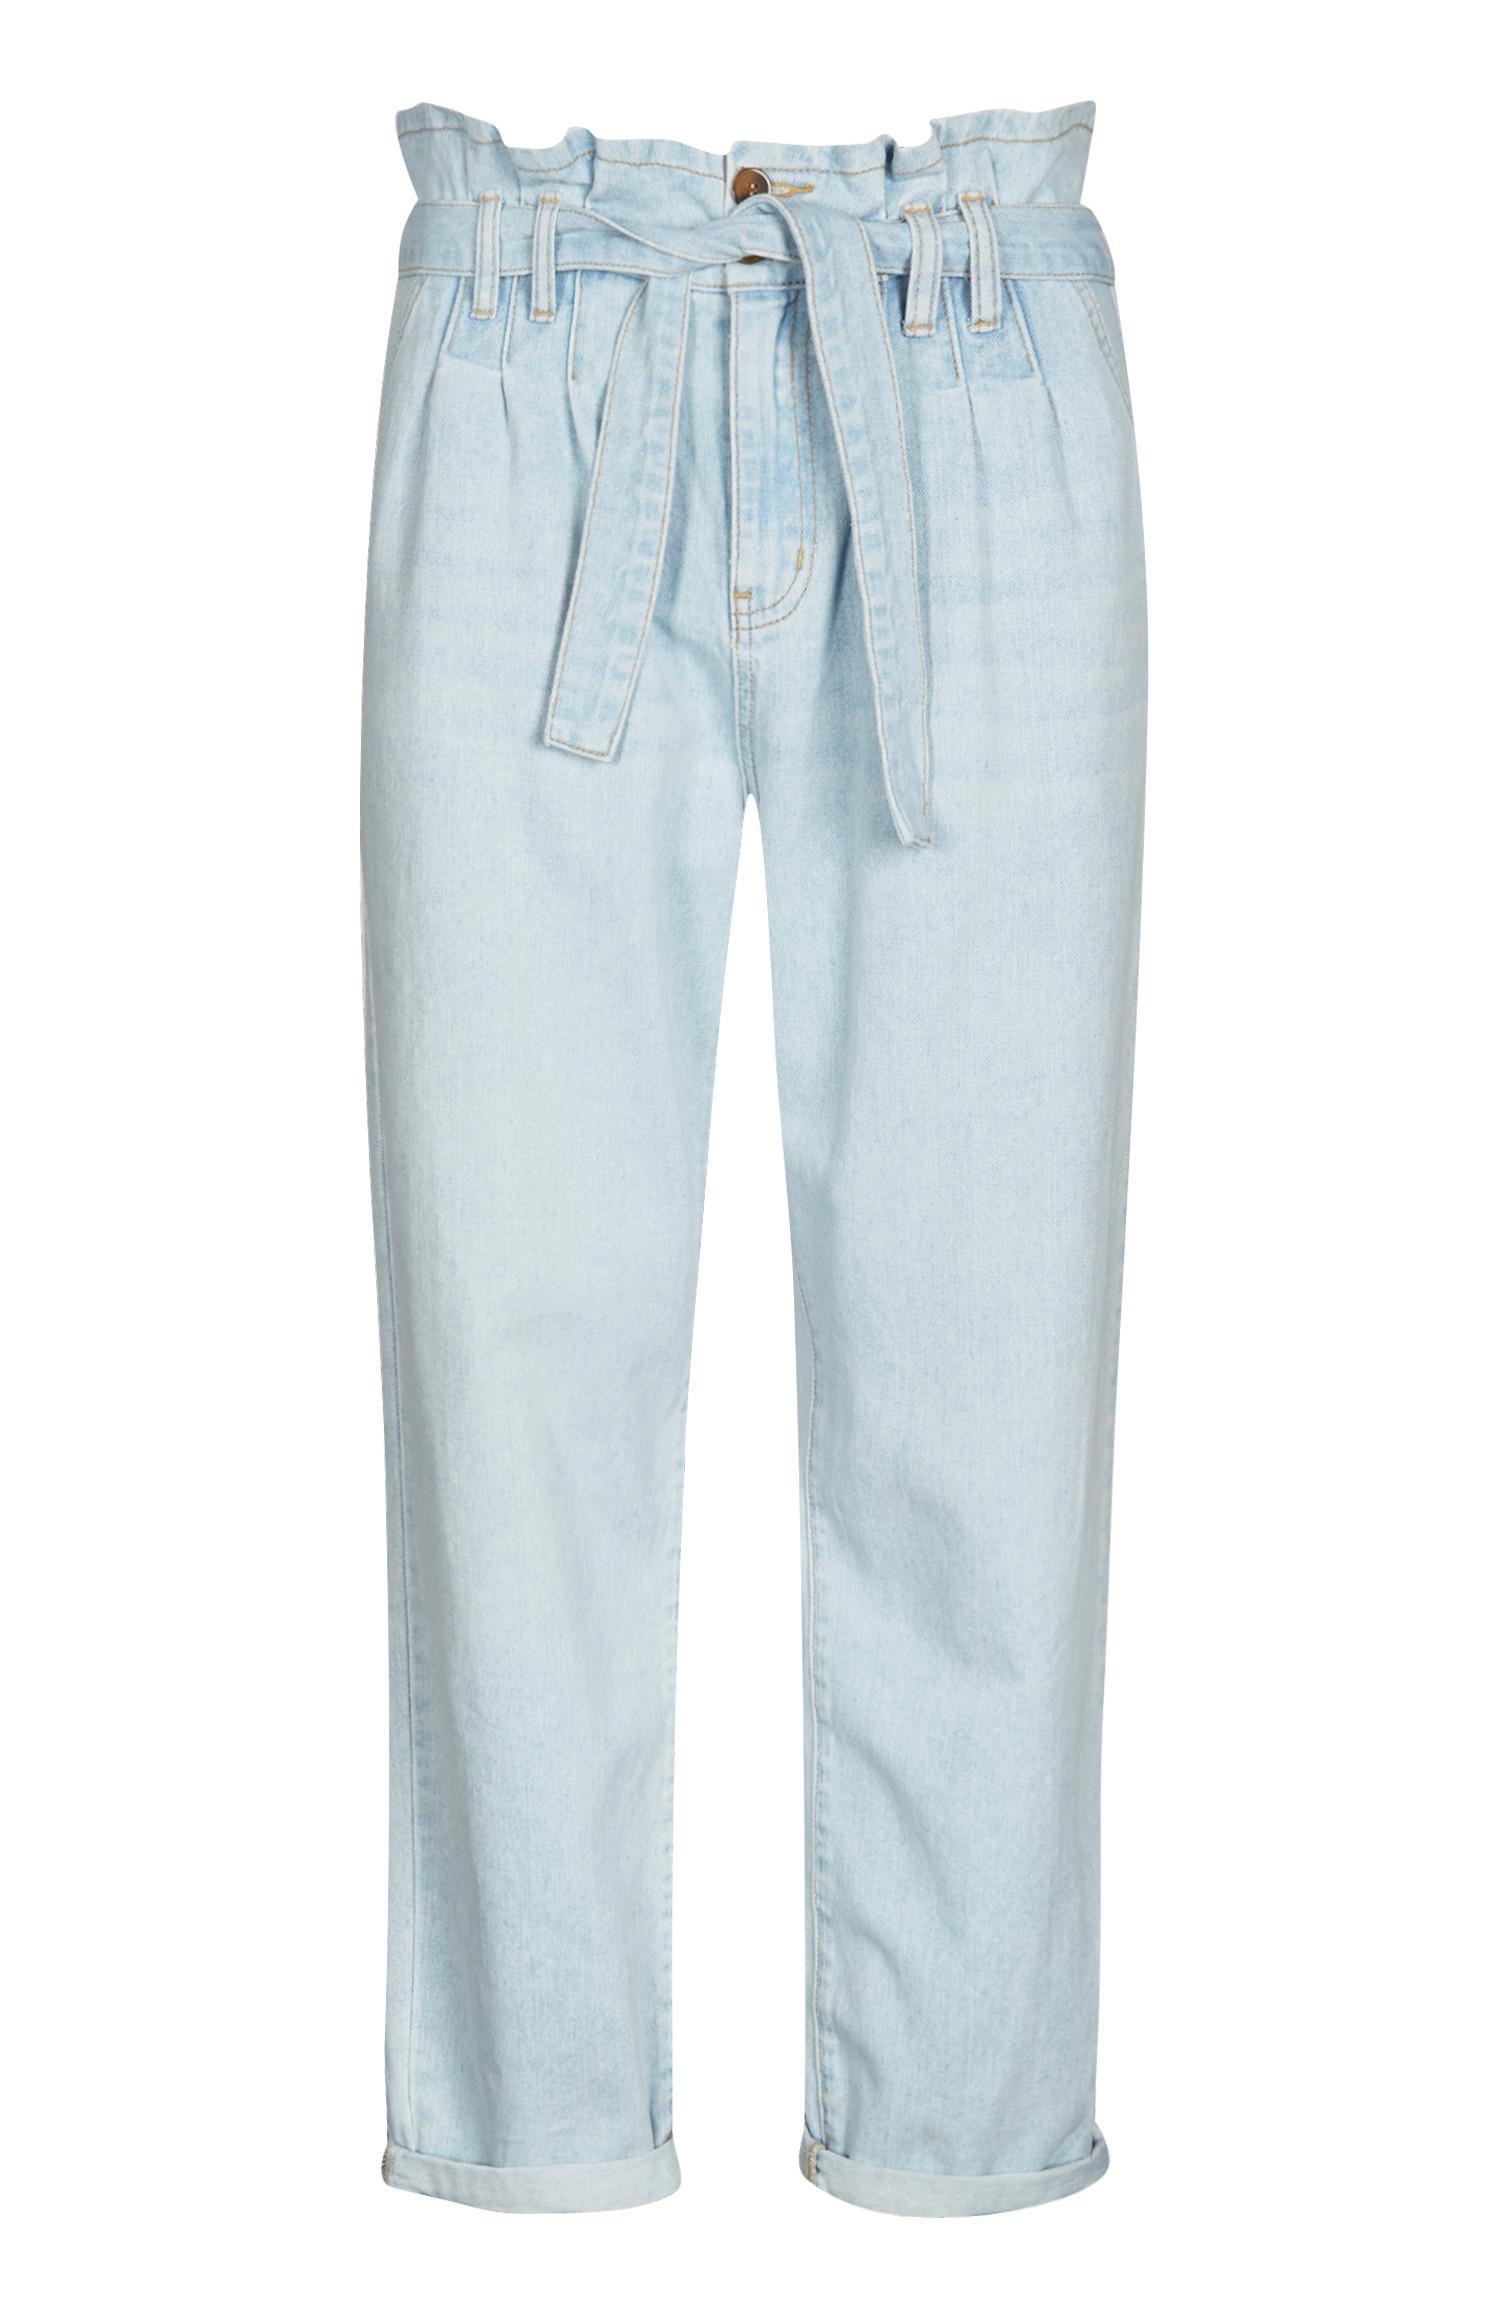 Pantalón azul con cinturón